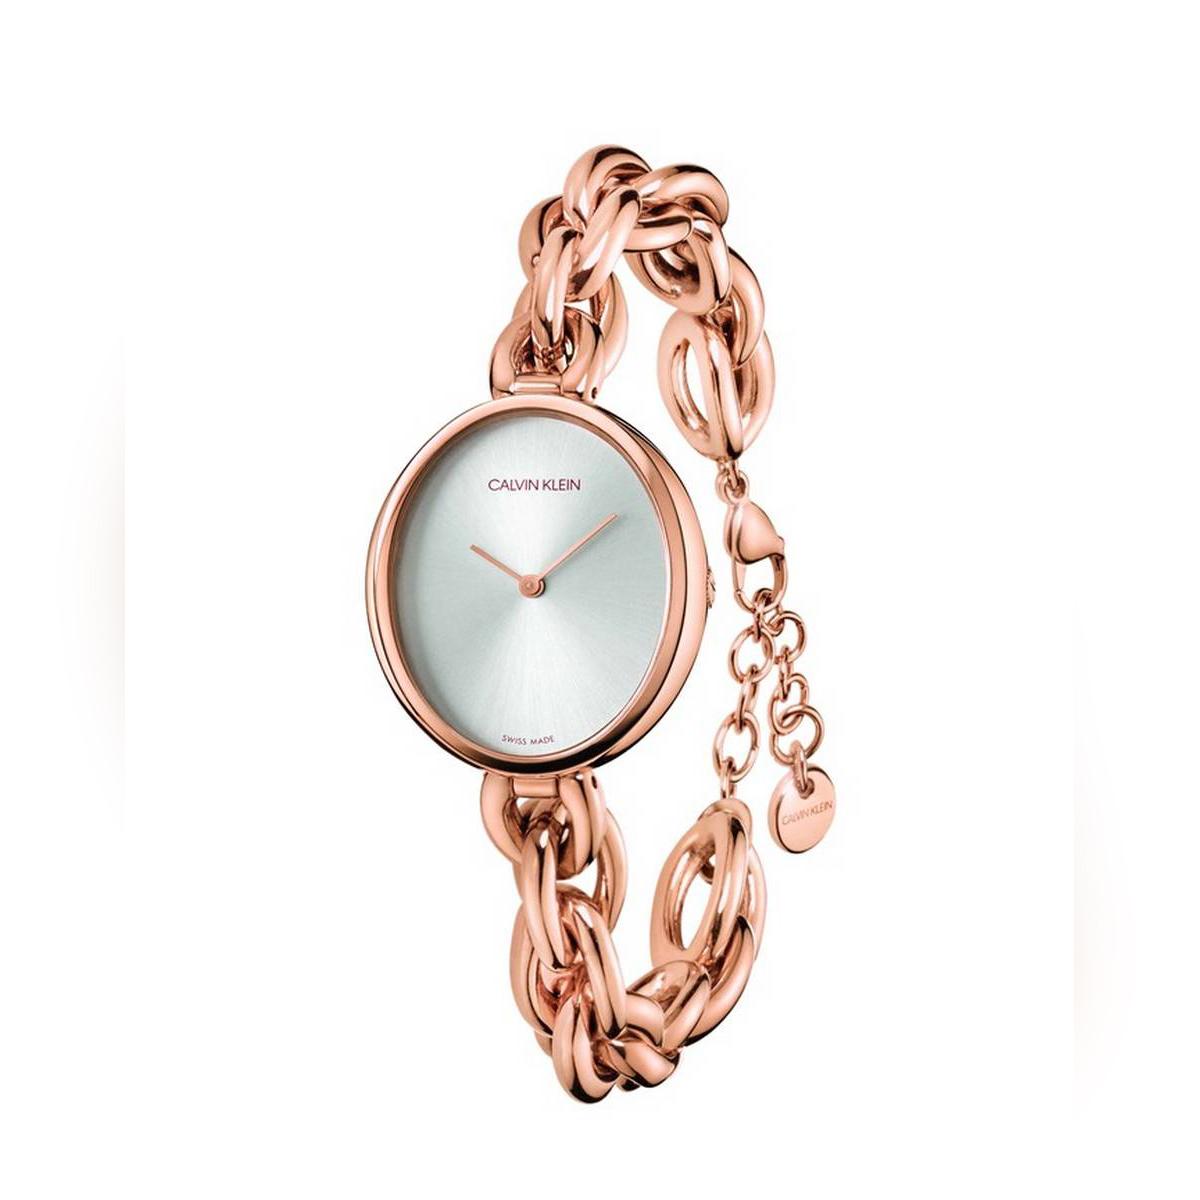 Calvin Klein Statement Silver Dial Rose Gold PVD Steel Ladies Watch - K9Y23626